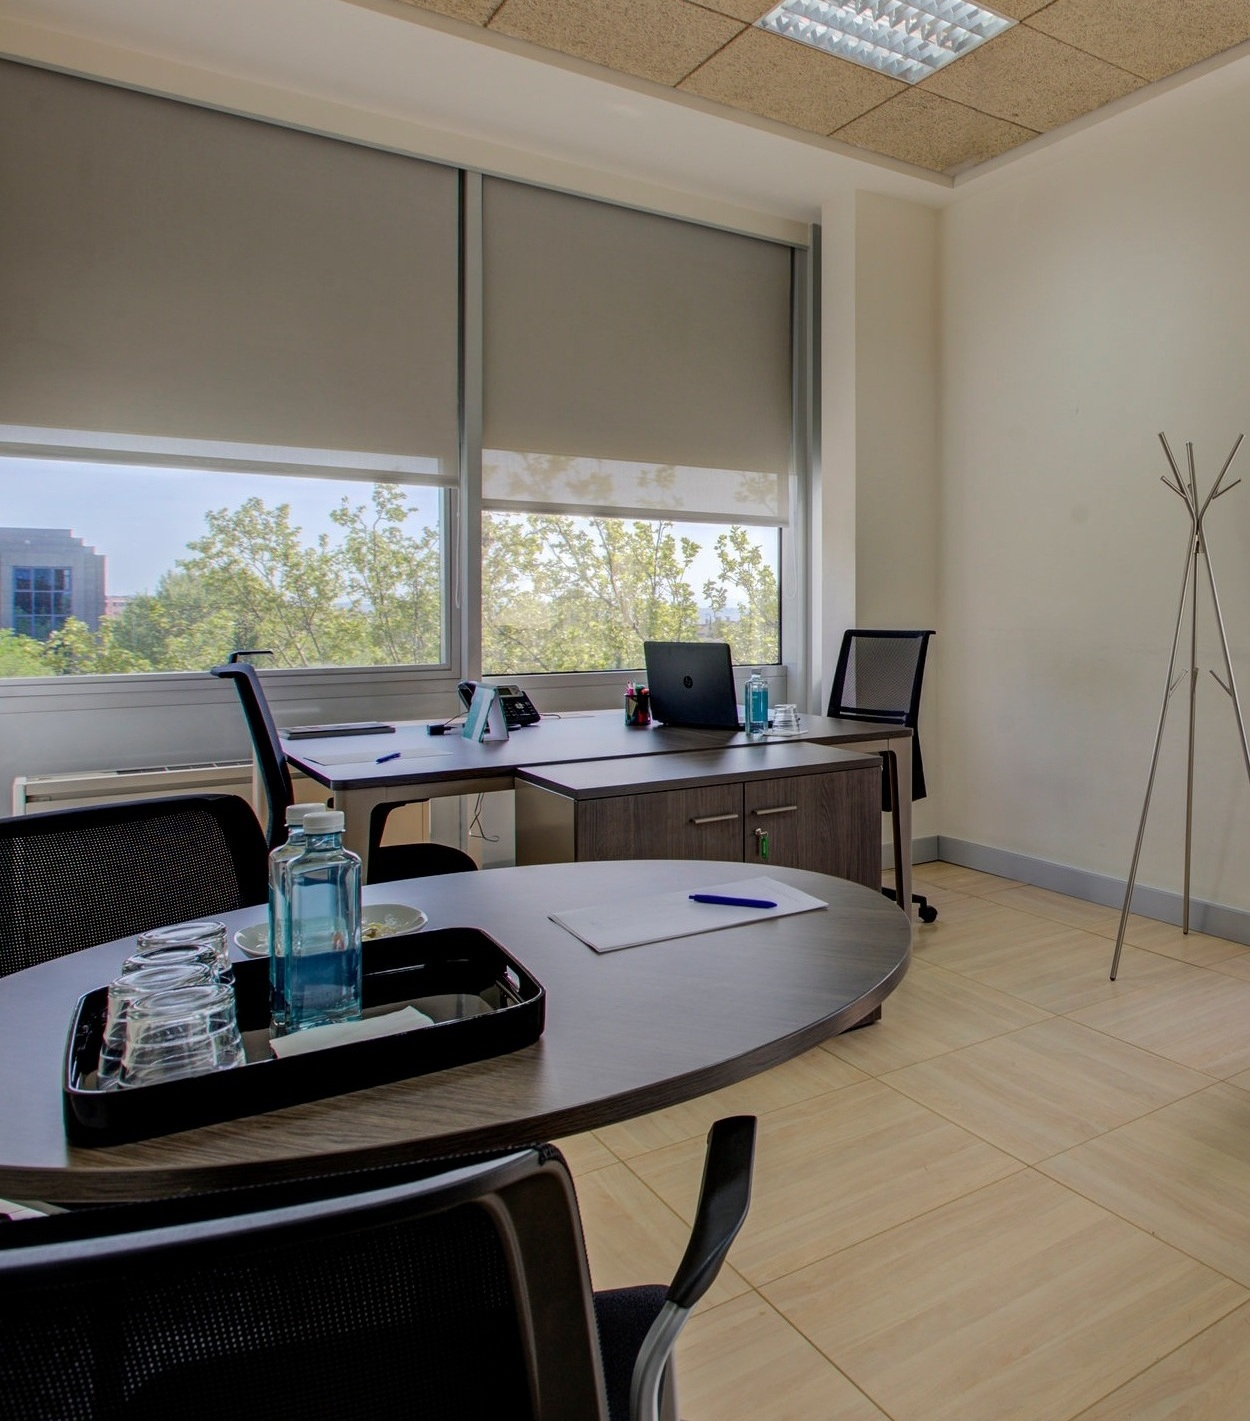 Oficina privada exterior - Oficinas flexibles de diferente capacidad para equipos de cualquier tamaño. Podrás disponer de un lugar de trabajo profesional y vanguardista.Todas nuestras oficinas son exteriores con una excelente iluminación natural.______________________________Desde695€/mesVer galería